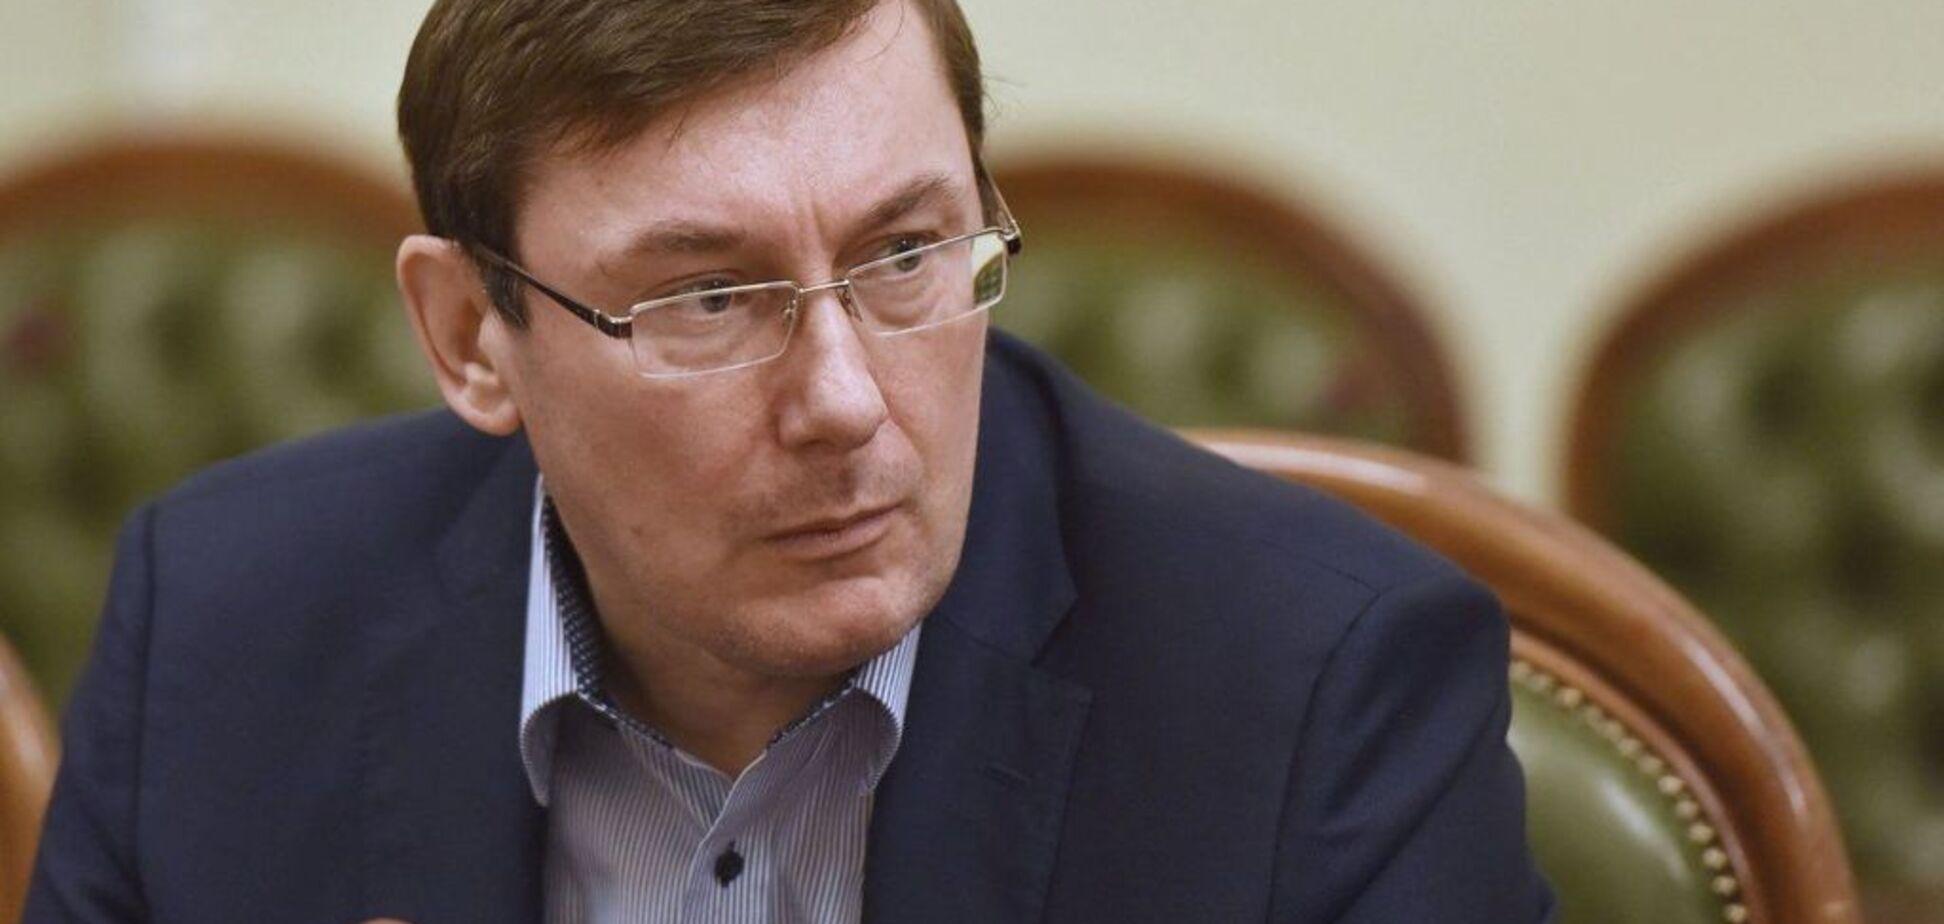 Вилла за $5 млн на Сейшелах: в ГПУ опровергли громкий фейк о Луценко